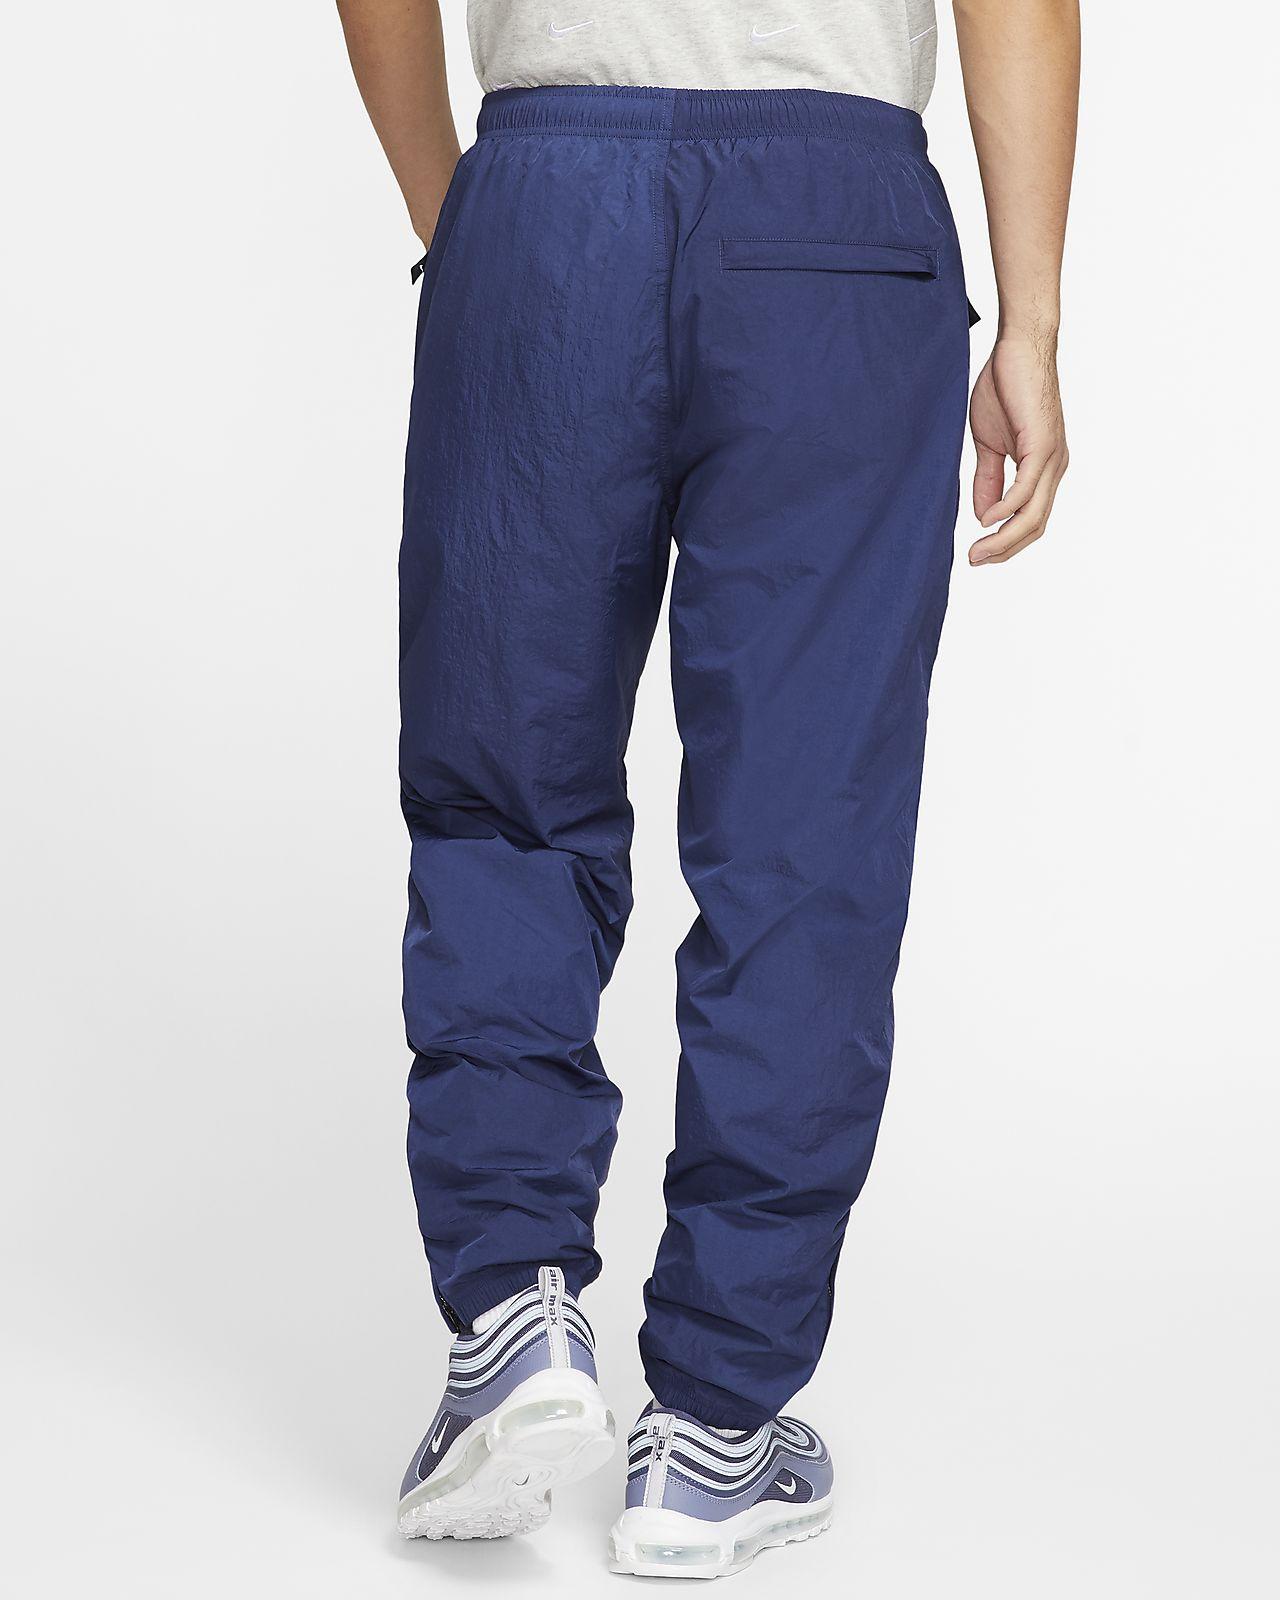 Pantalon de survêtement Nike Homme pour dWoQerCxB